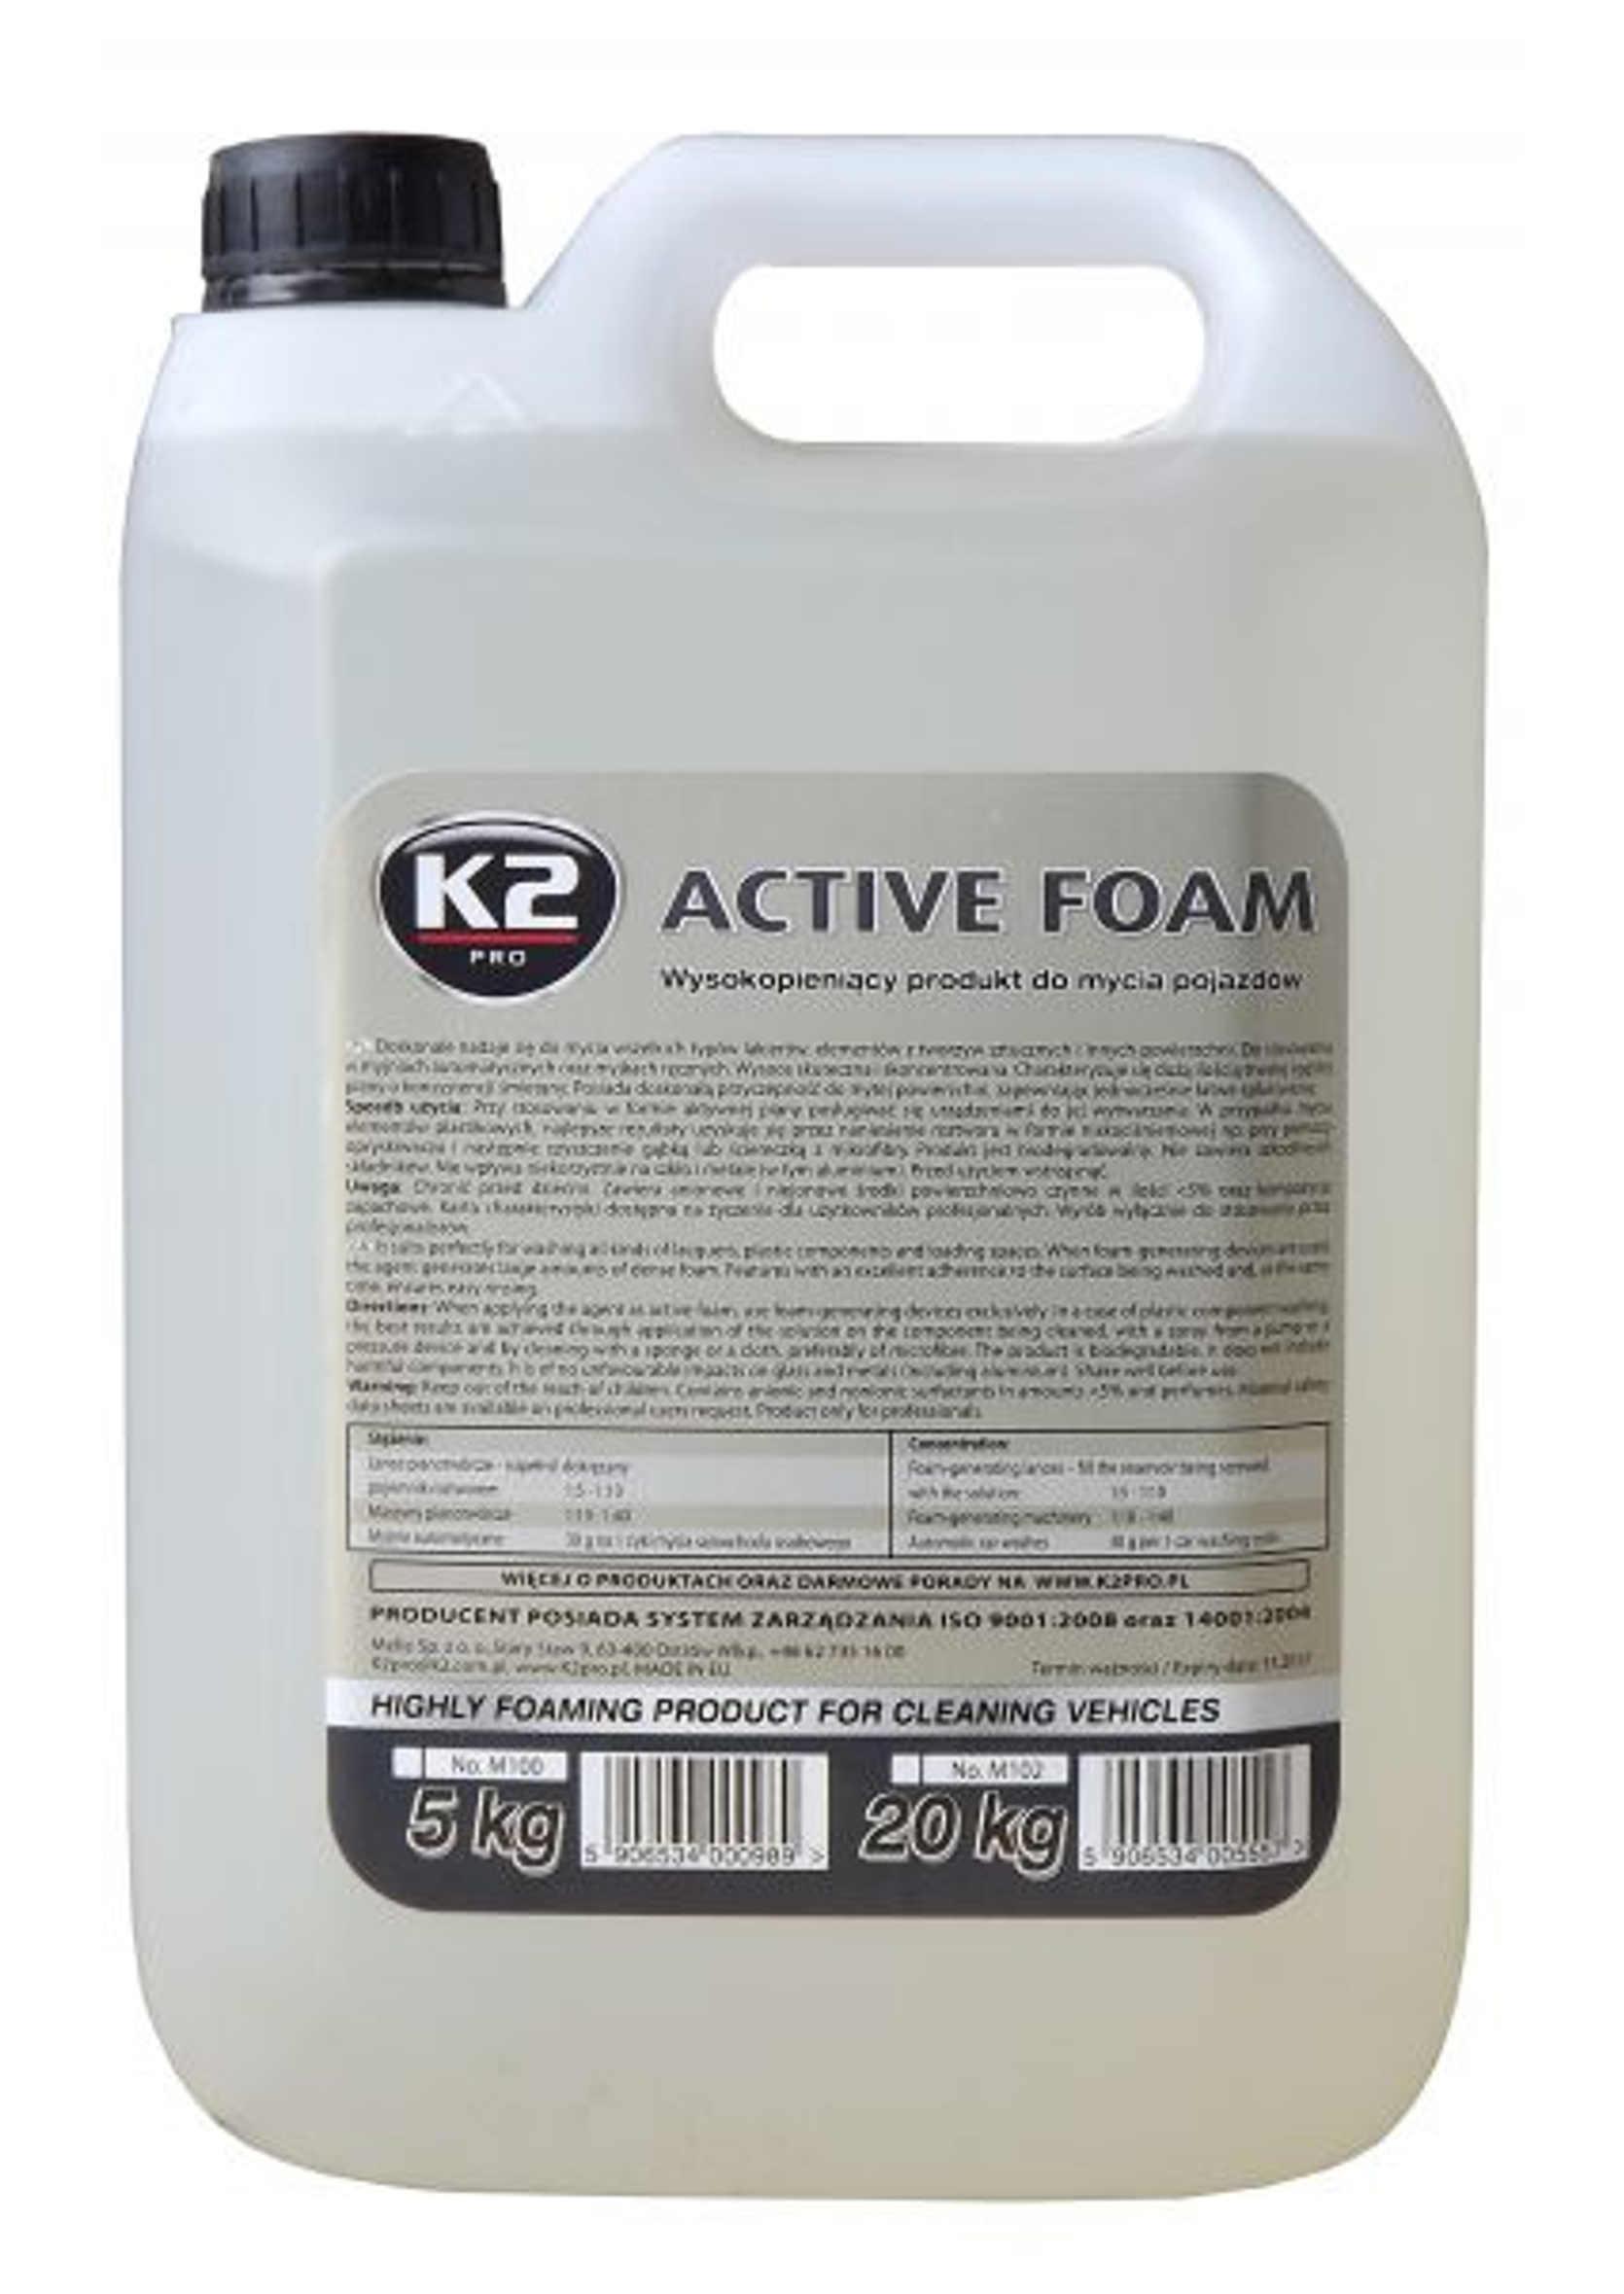 K2 Active Foam Piana Aktywna do Wstępnego Mycia Samochodów 5kg